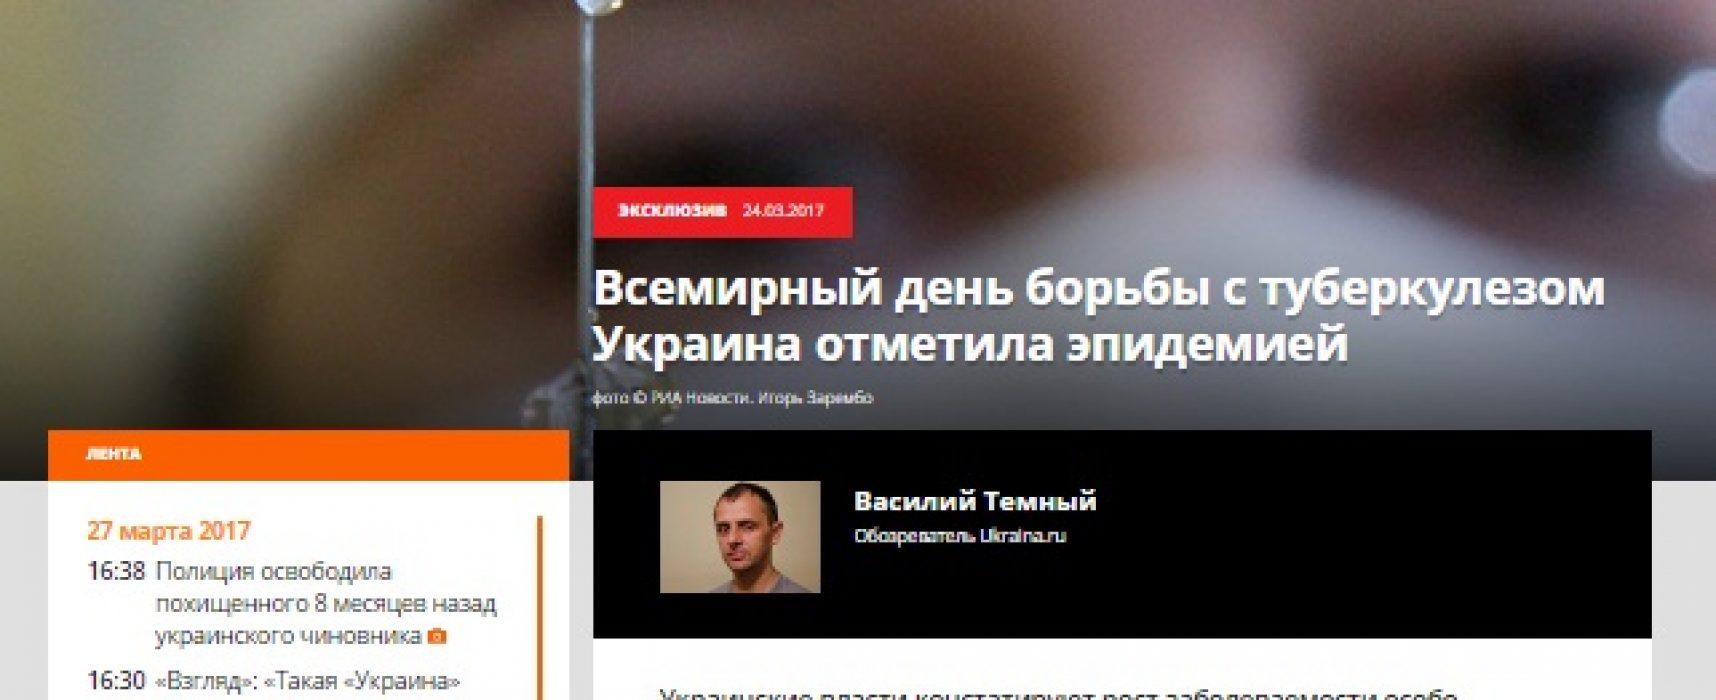 Фейк: В Украйна бушува епидемия от туберкулоза заради Майдана и кризата